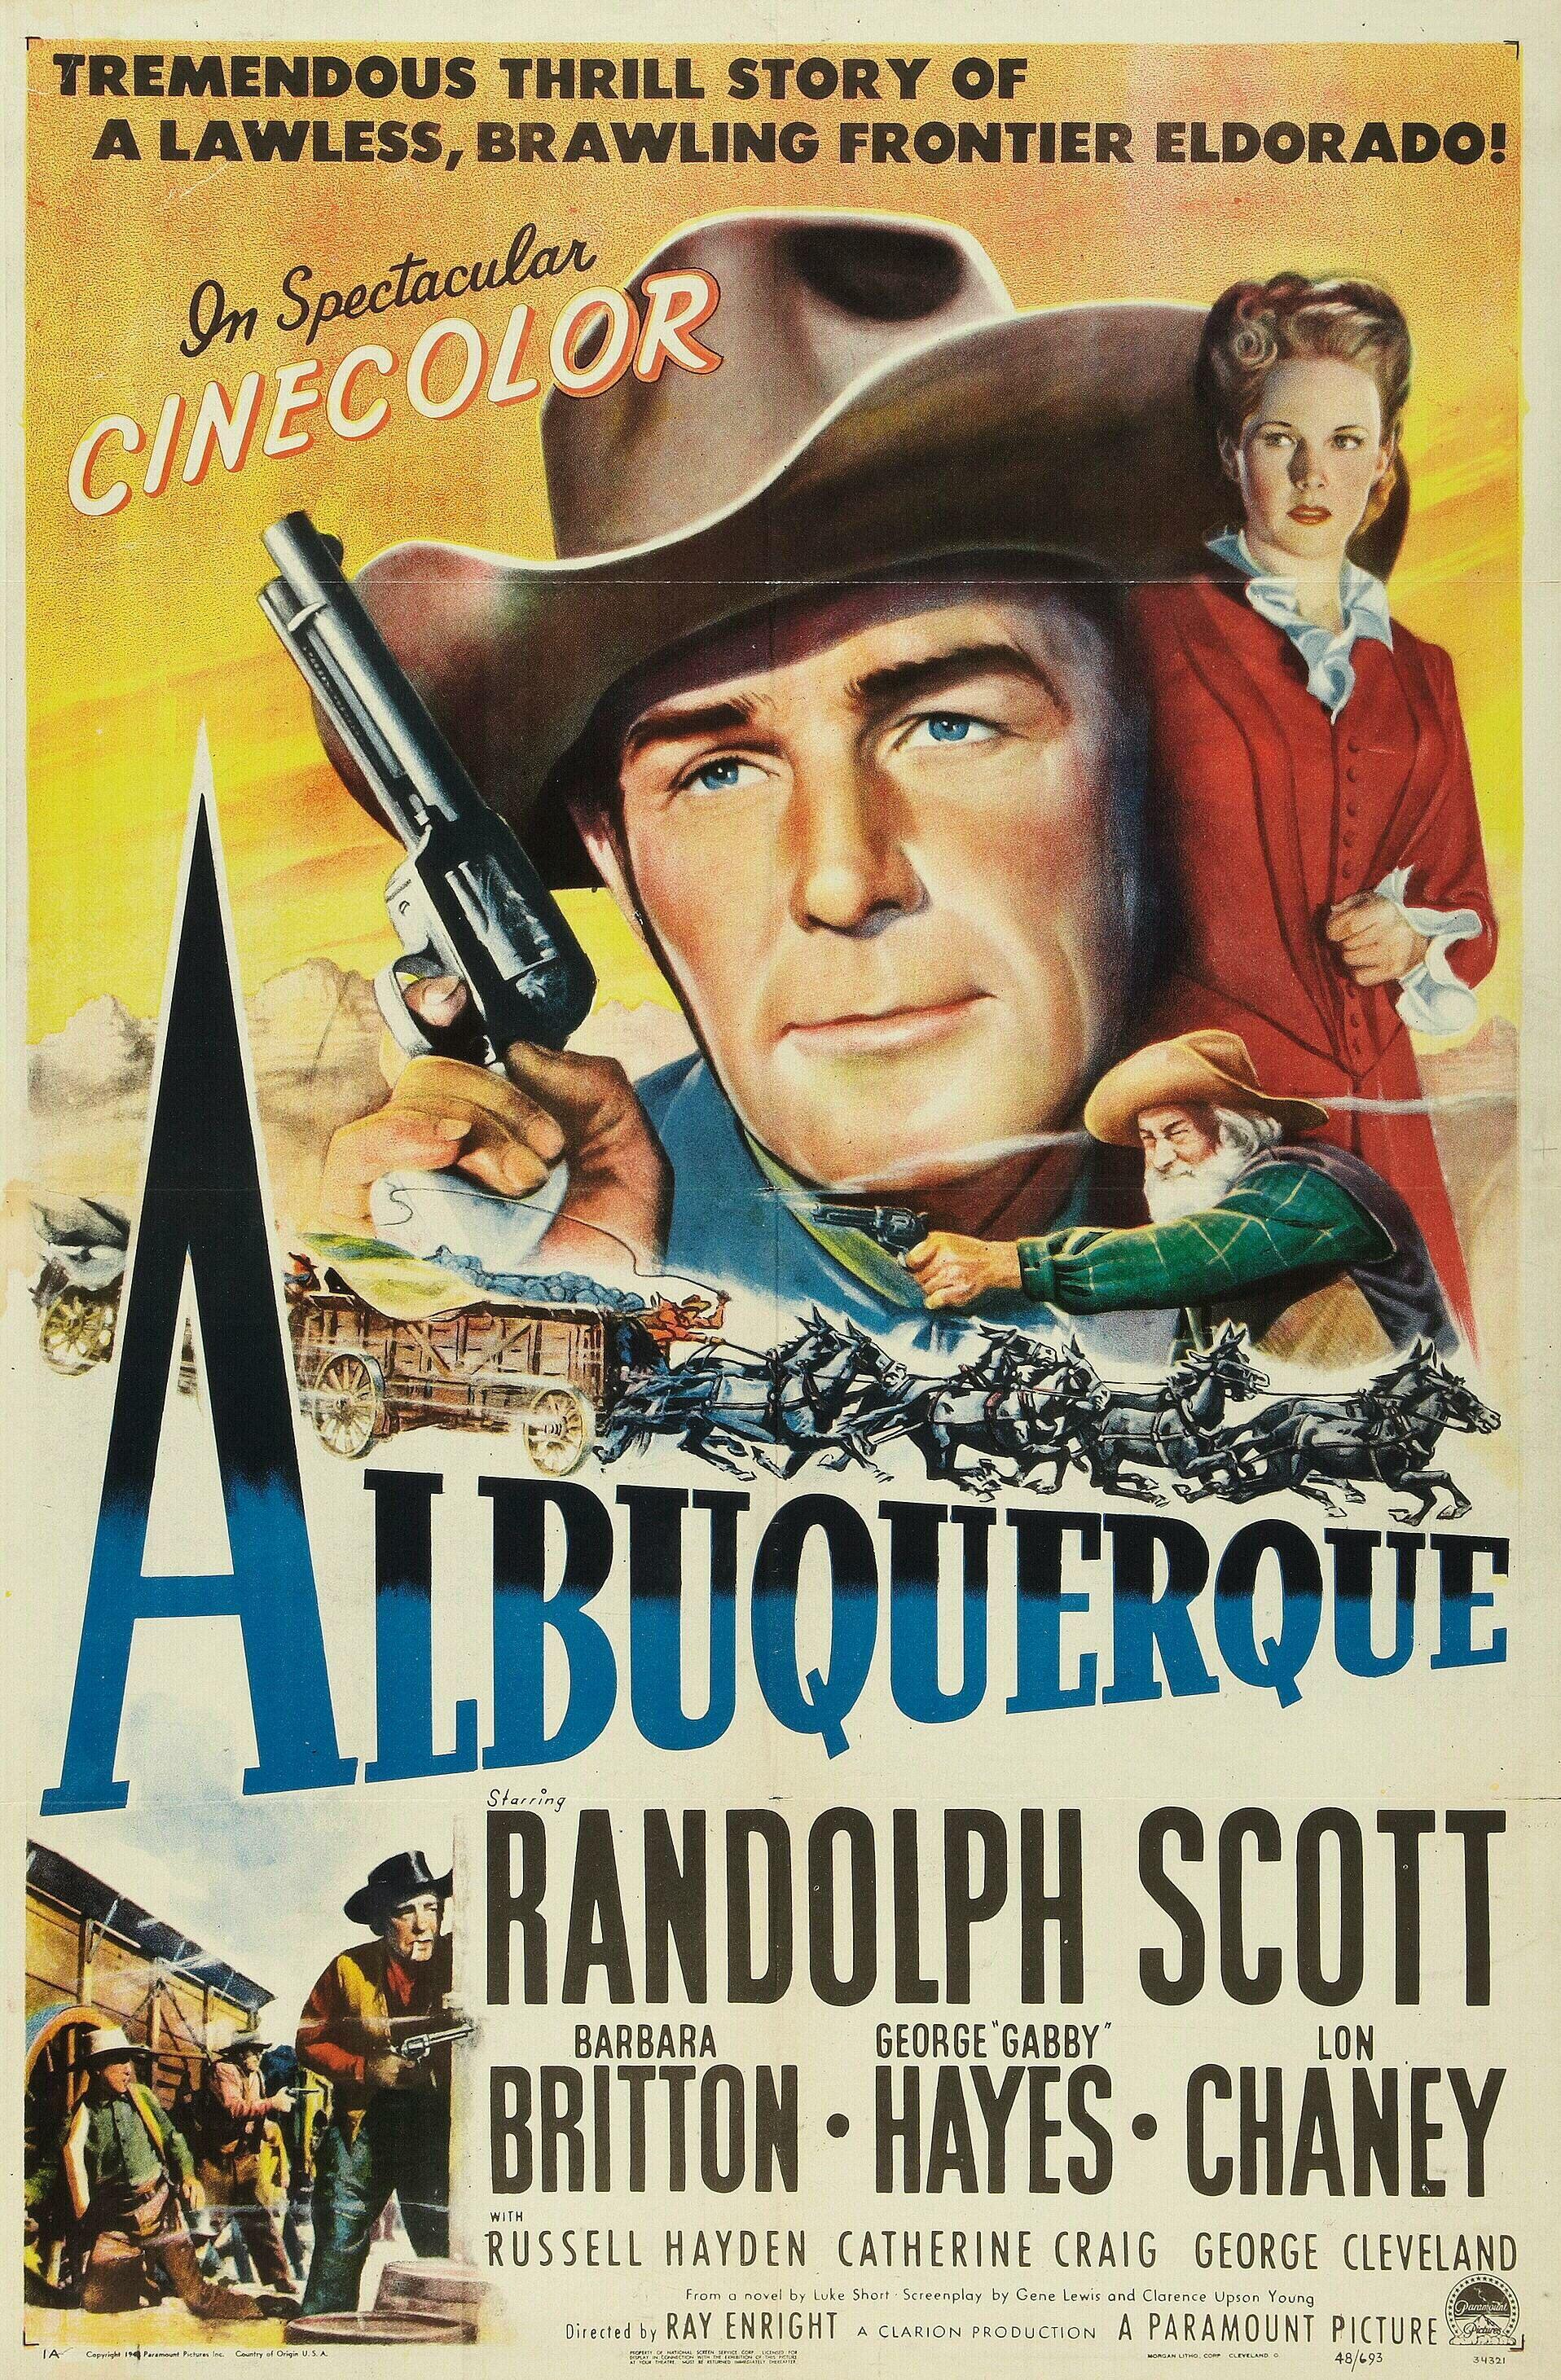 Albuquerque with Randolph Scott - 1948